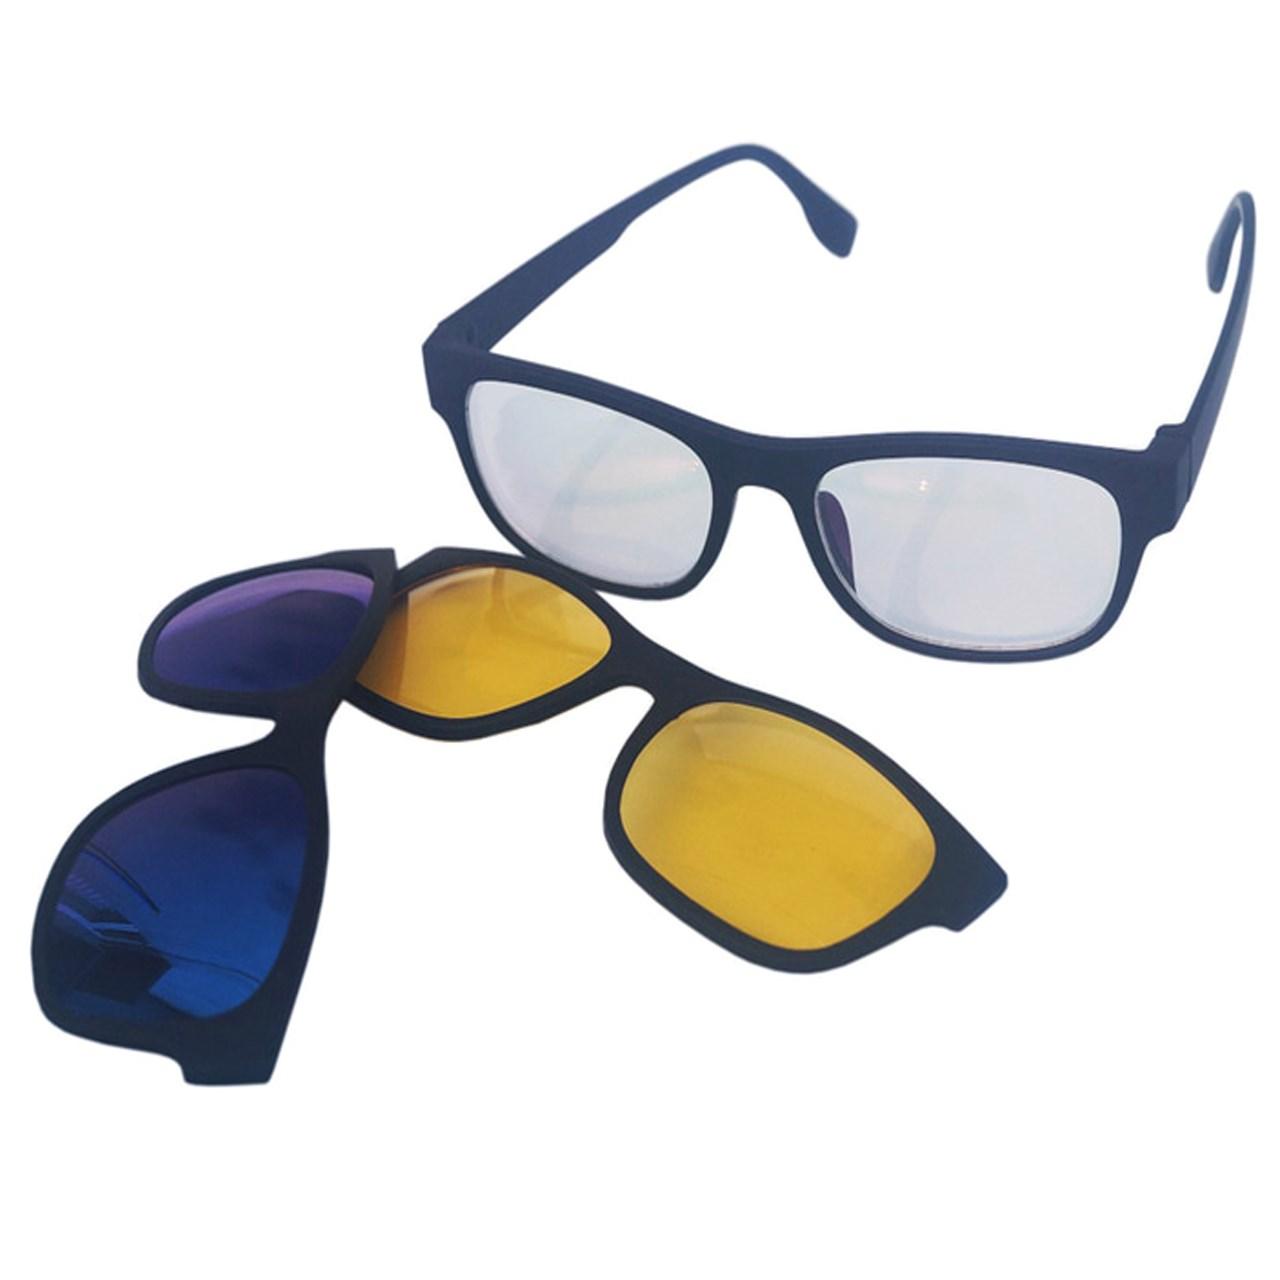 عکس عینک مجیک ویژن کد 186 به همراه 2 فریم اضافی